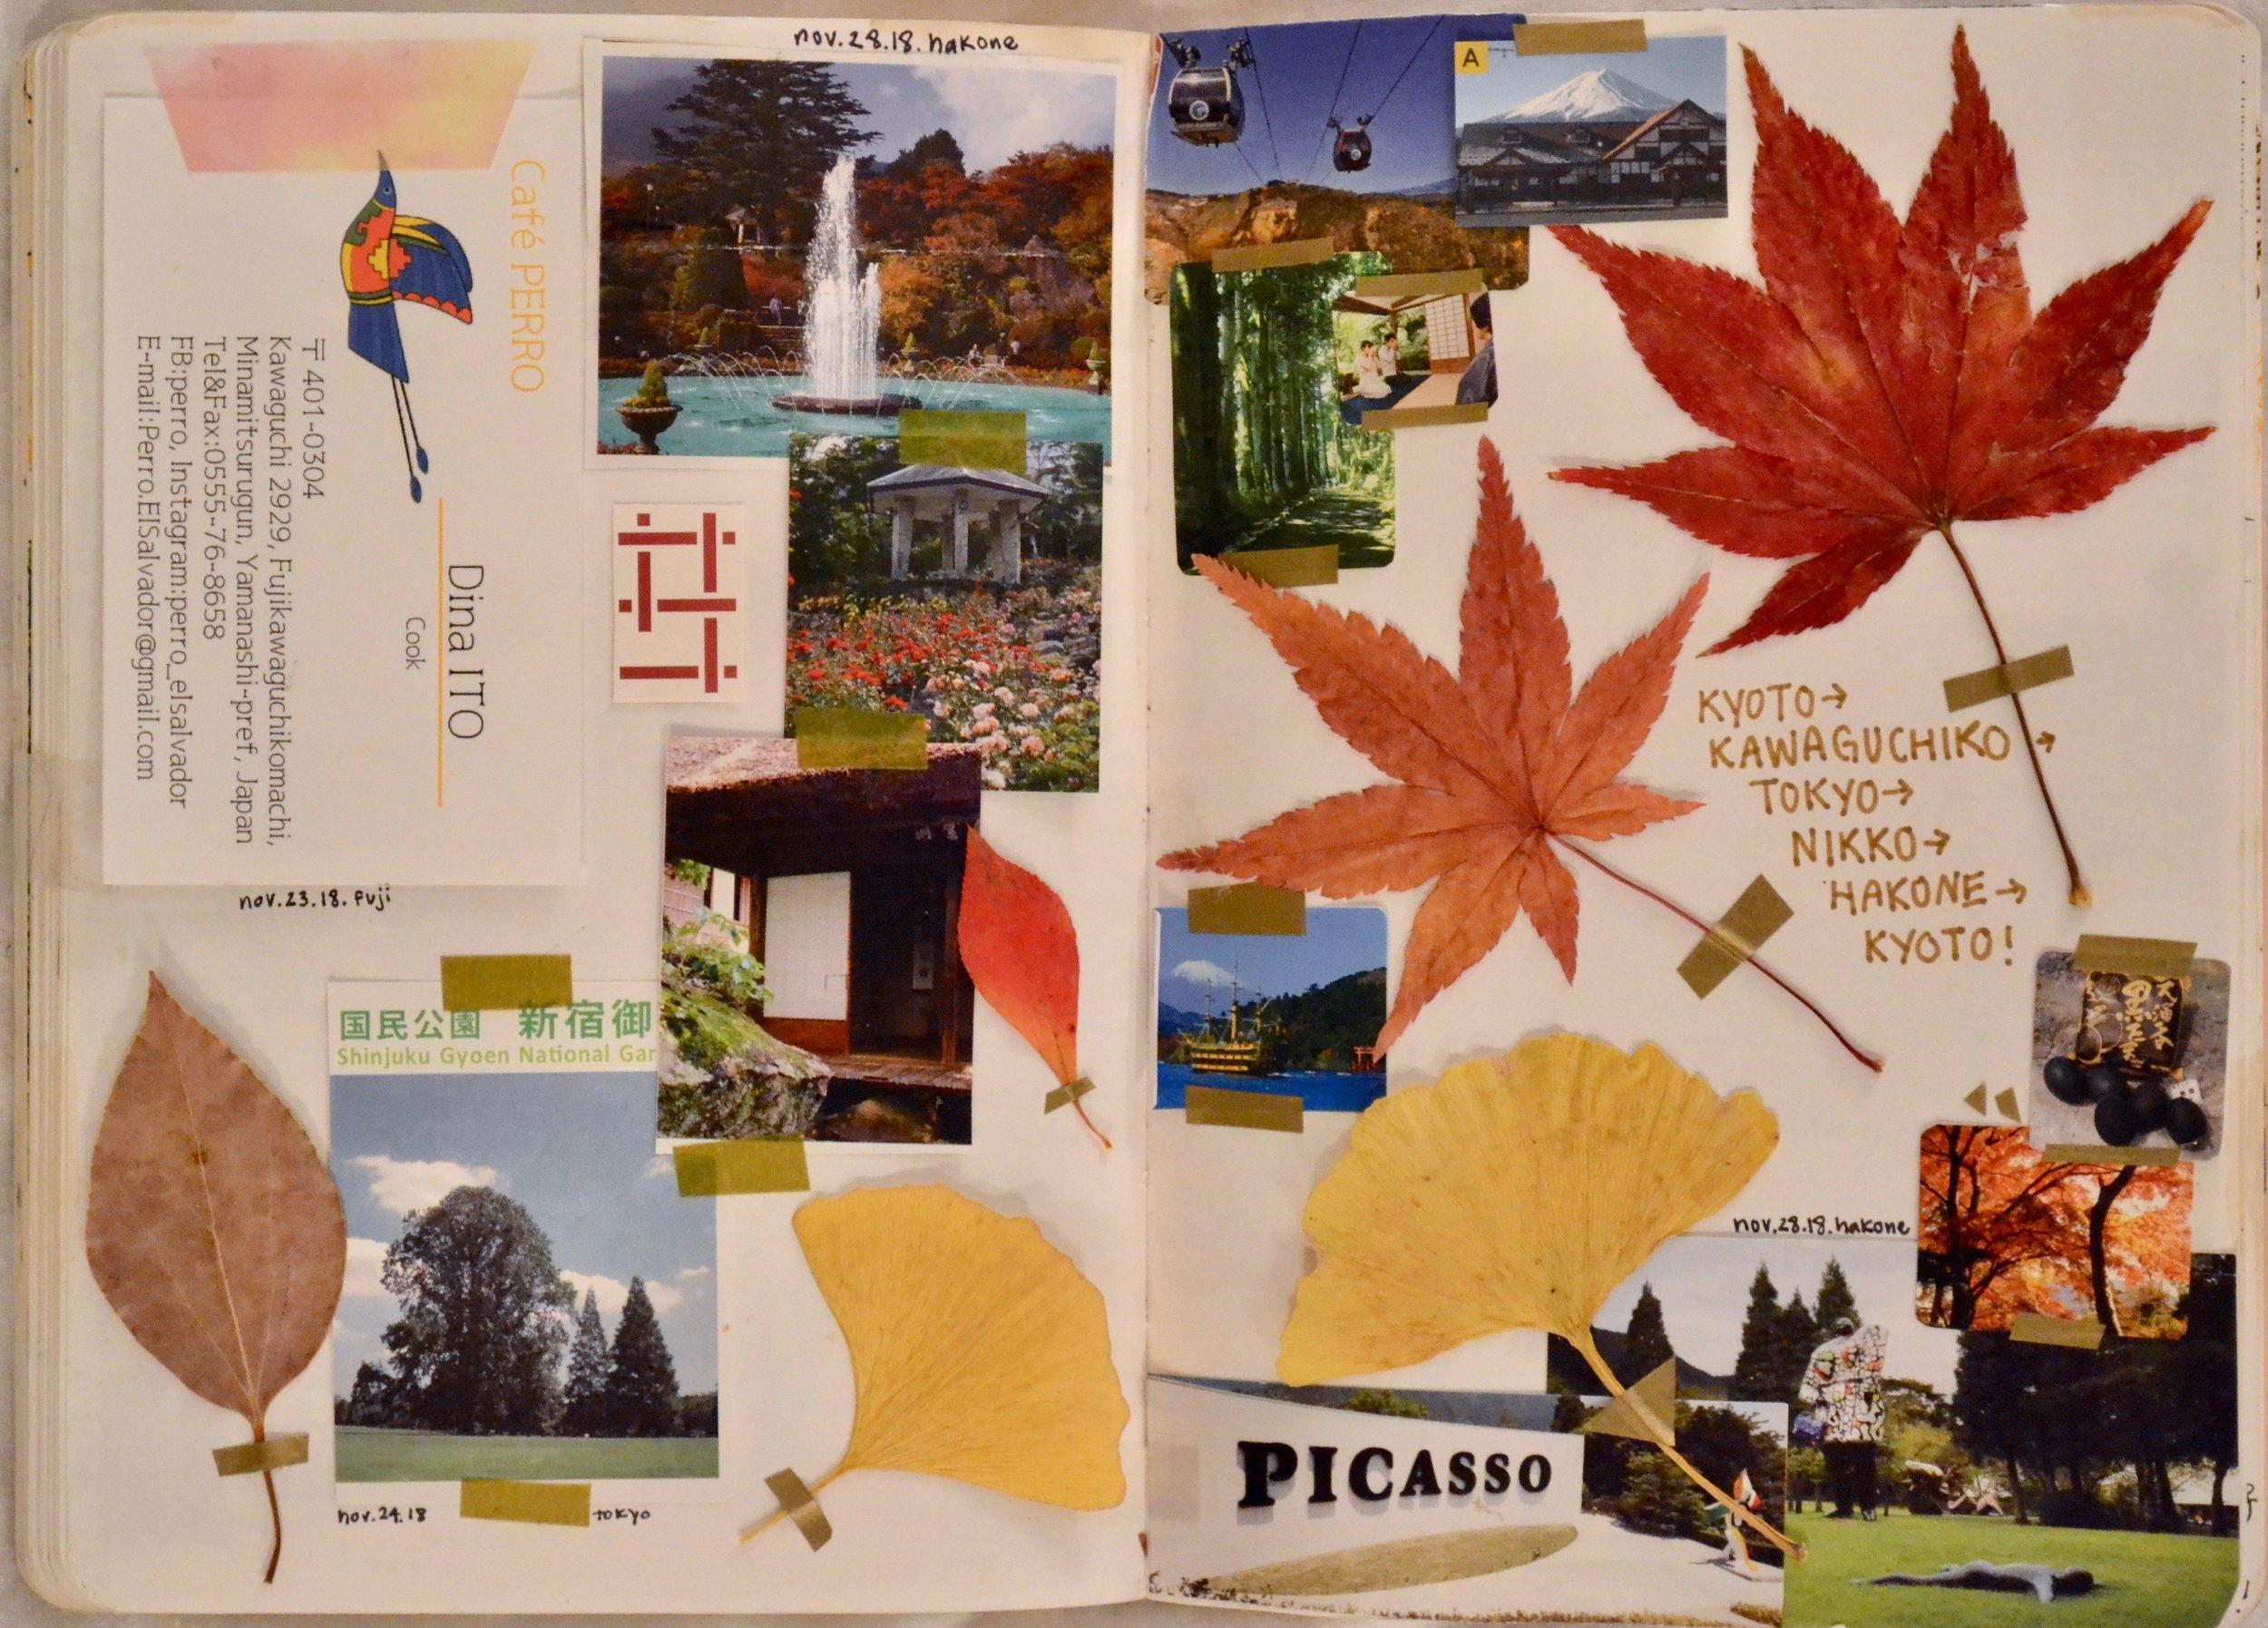 Cuando visito a lugares nuevos, me gusta colectar panfletos y folletos con fotos de los lugares donde visite.